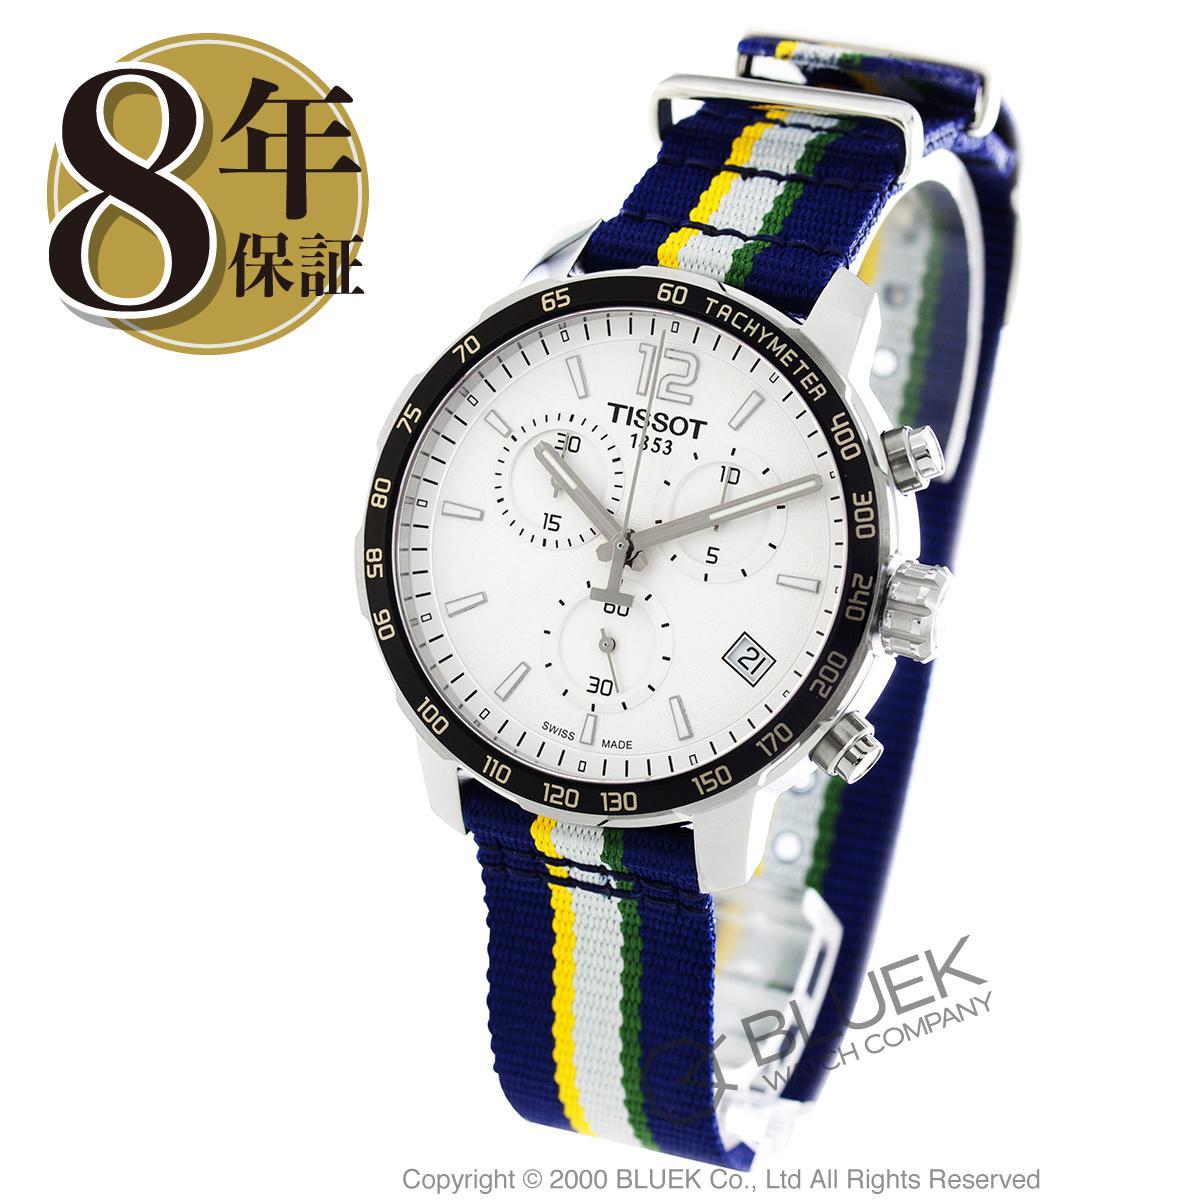 ティソ T-スポーツ クイックスター NBAユタ・ジャズ クロノグラフ 腕時計 メンズ TISSOT T095.417.17.037.28_8